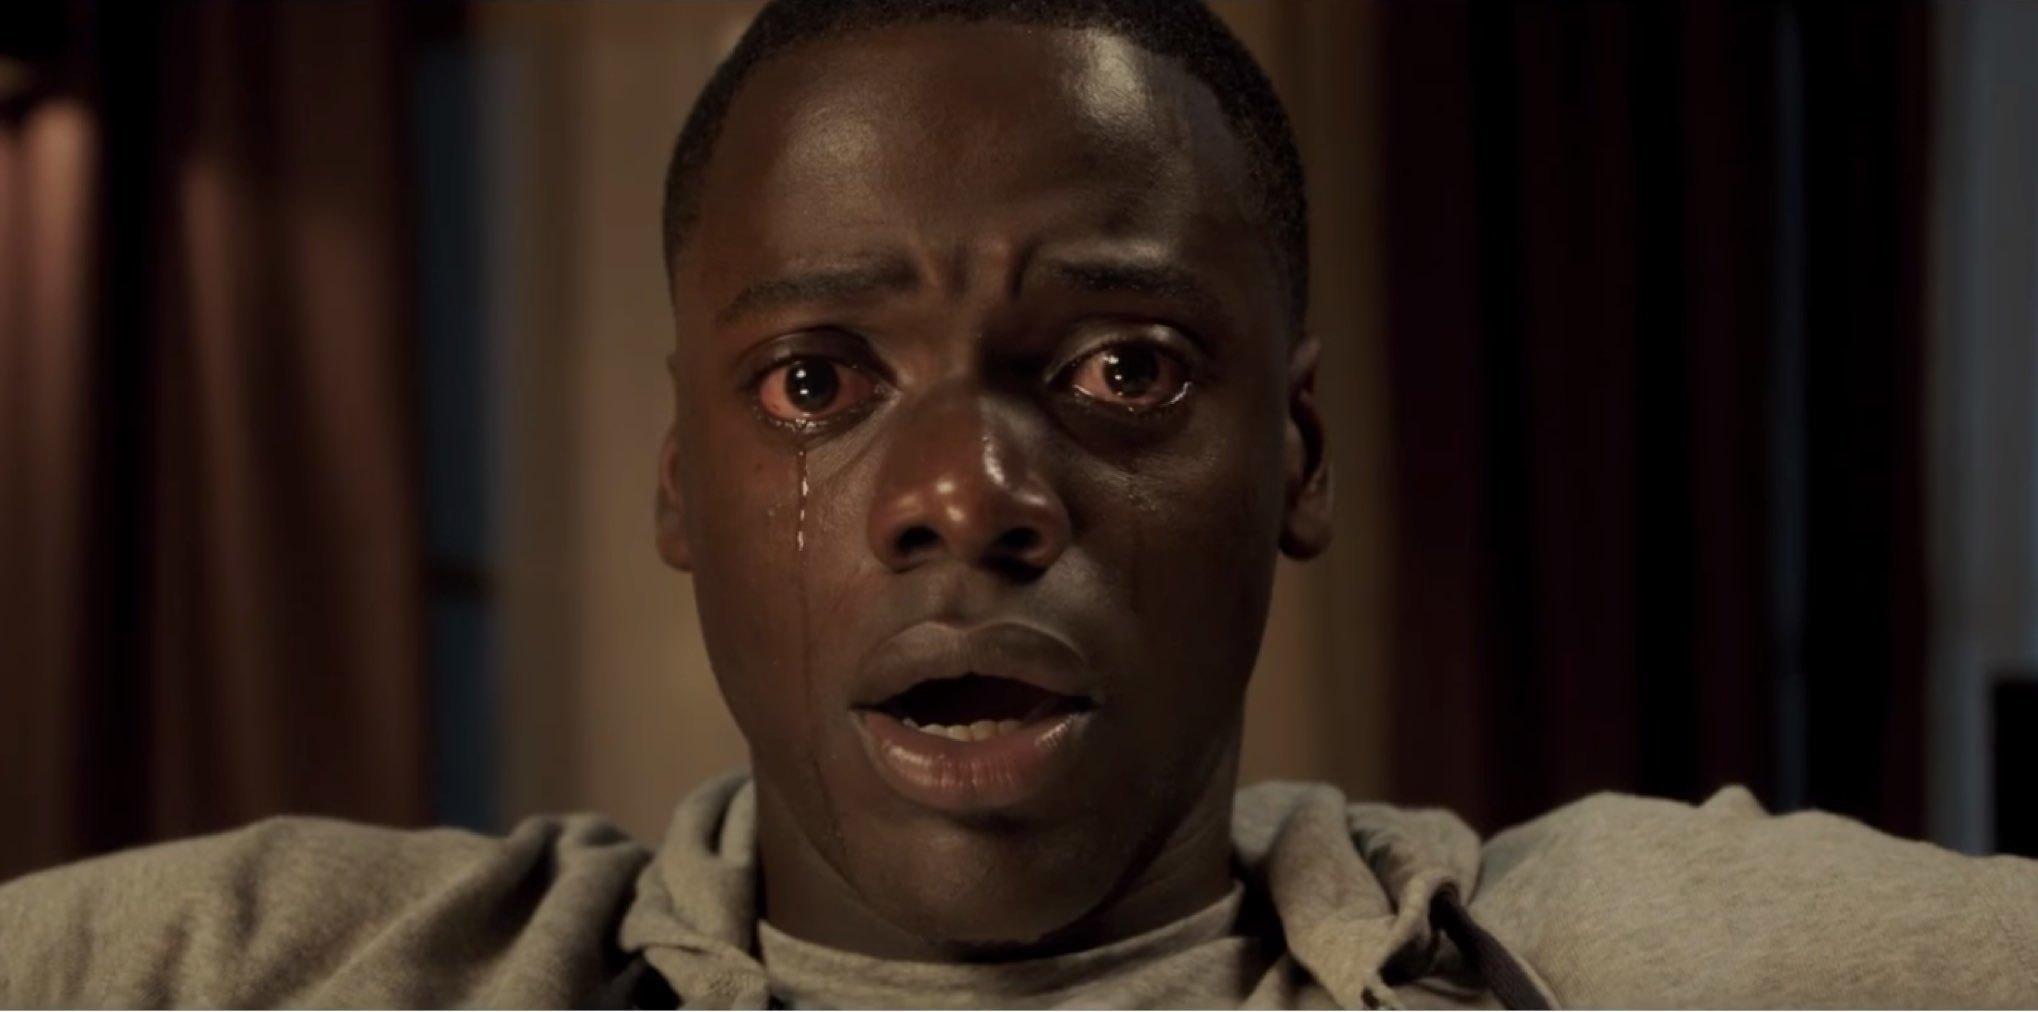 [CINEMA] Corra! e o racismo como ele é: Uma história de terror